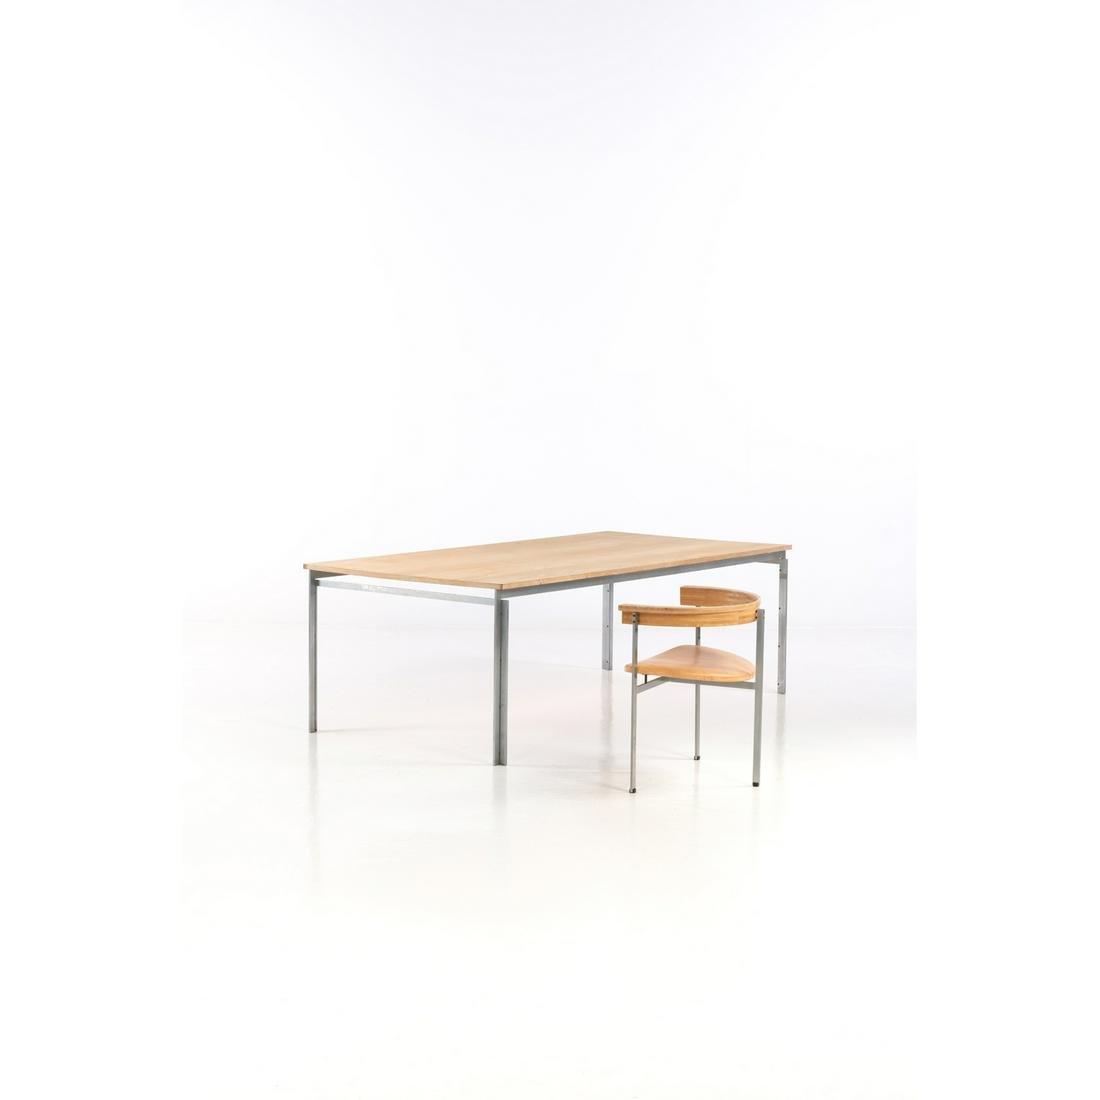 Poul Kjaerholm (1929-1980) Modèles PK 55 (desk)